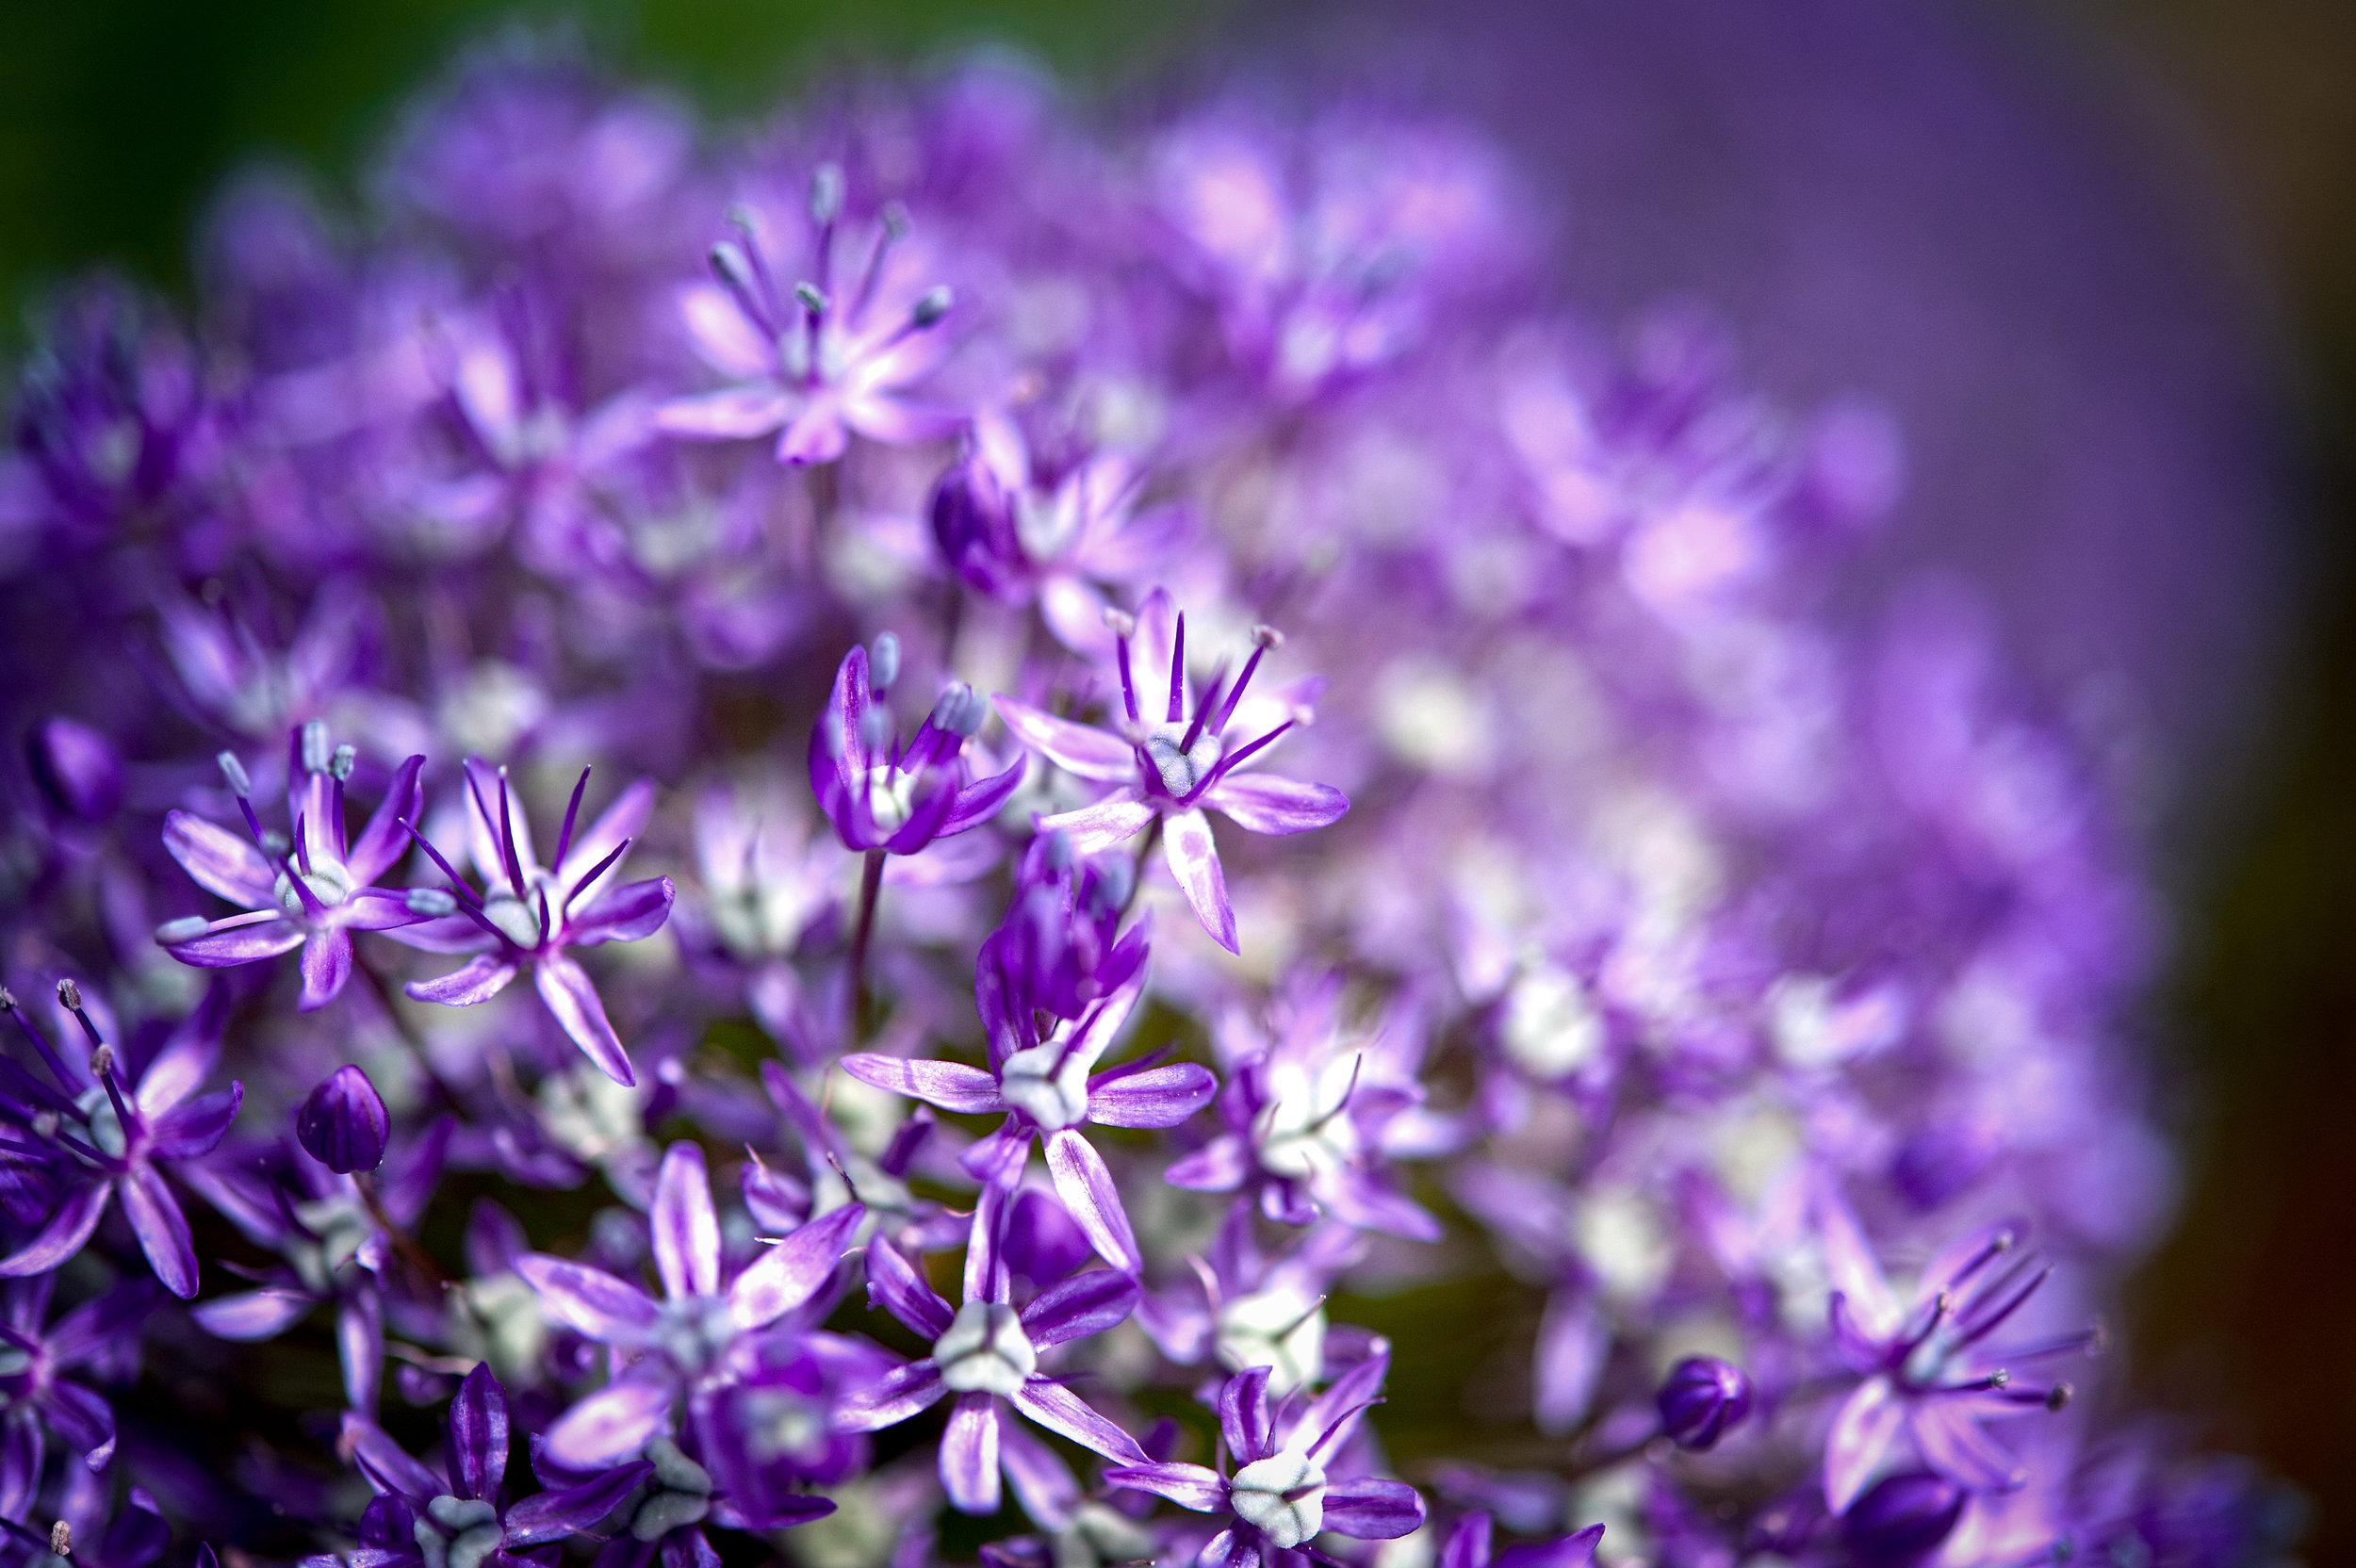 flower (1 of 1)-8.jpg